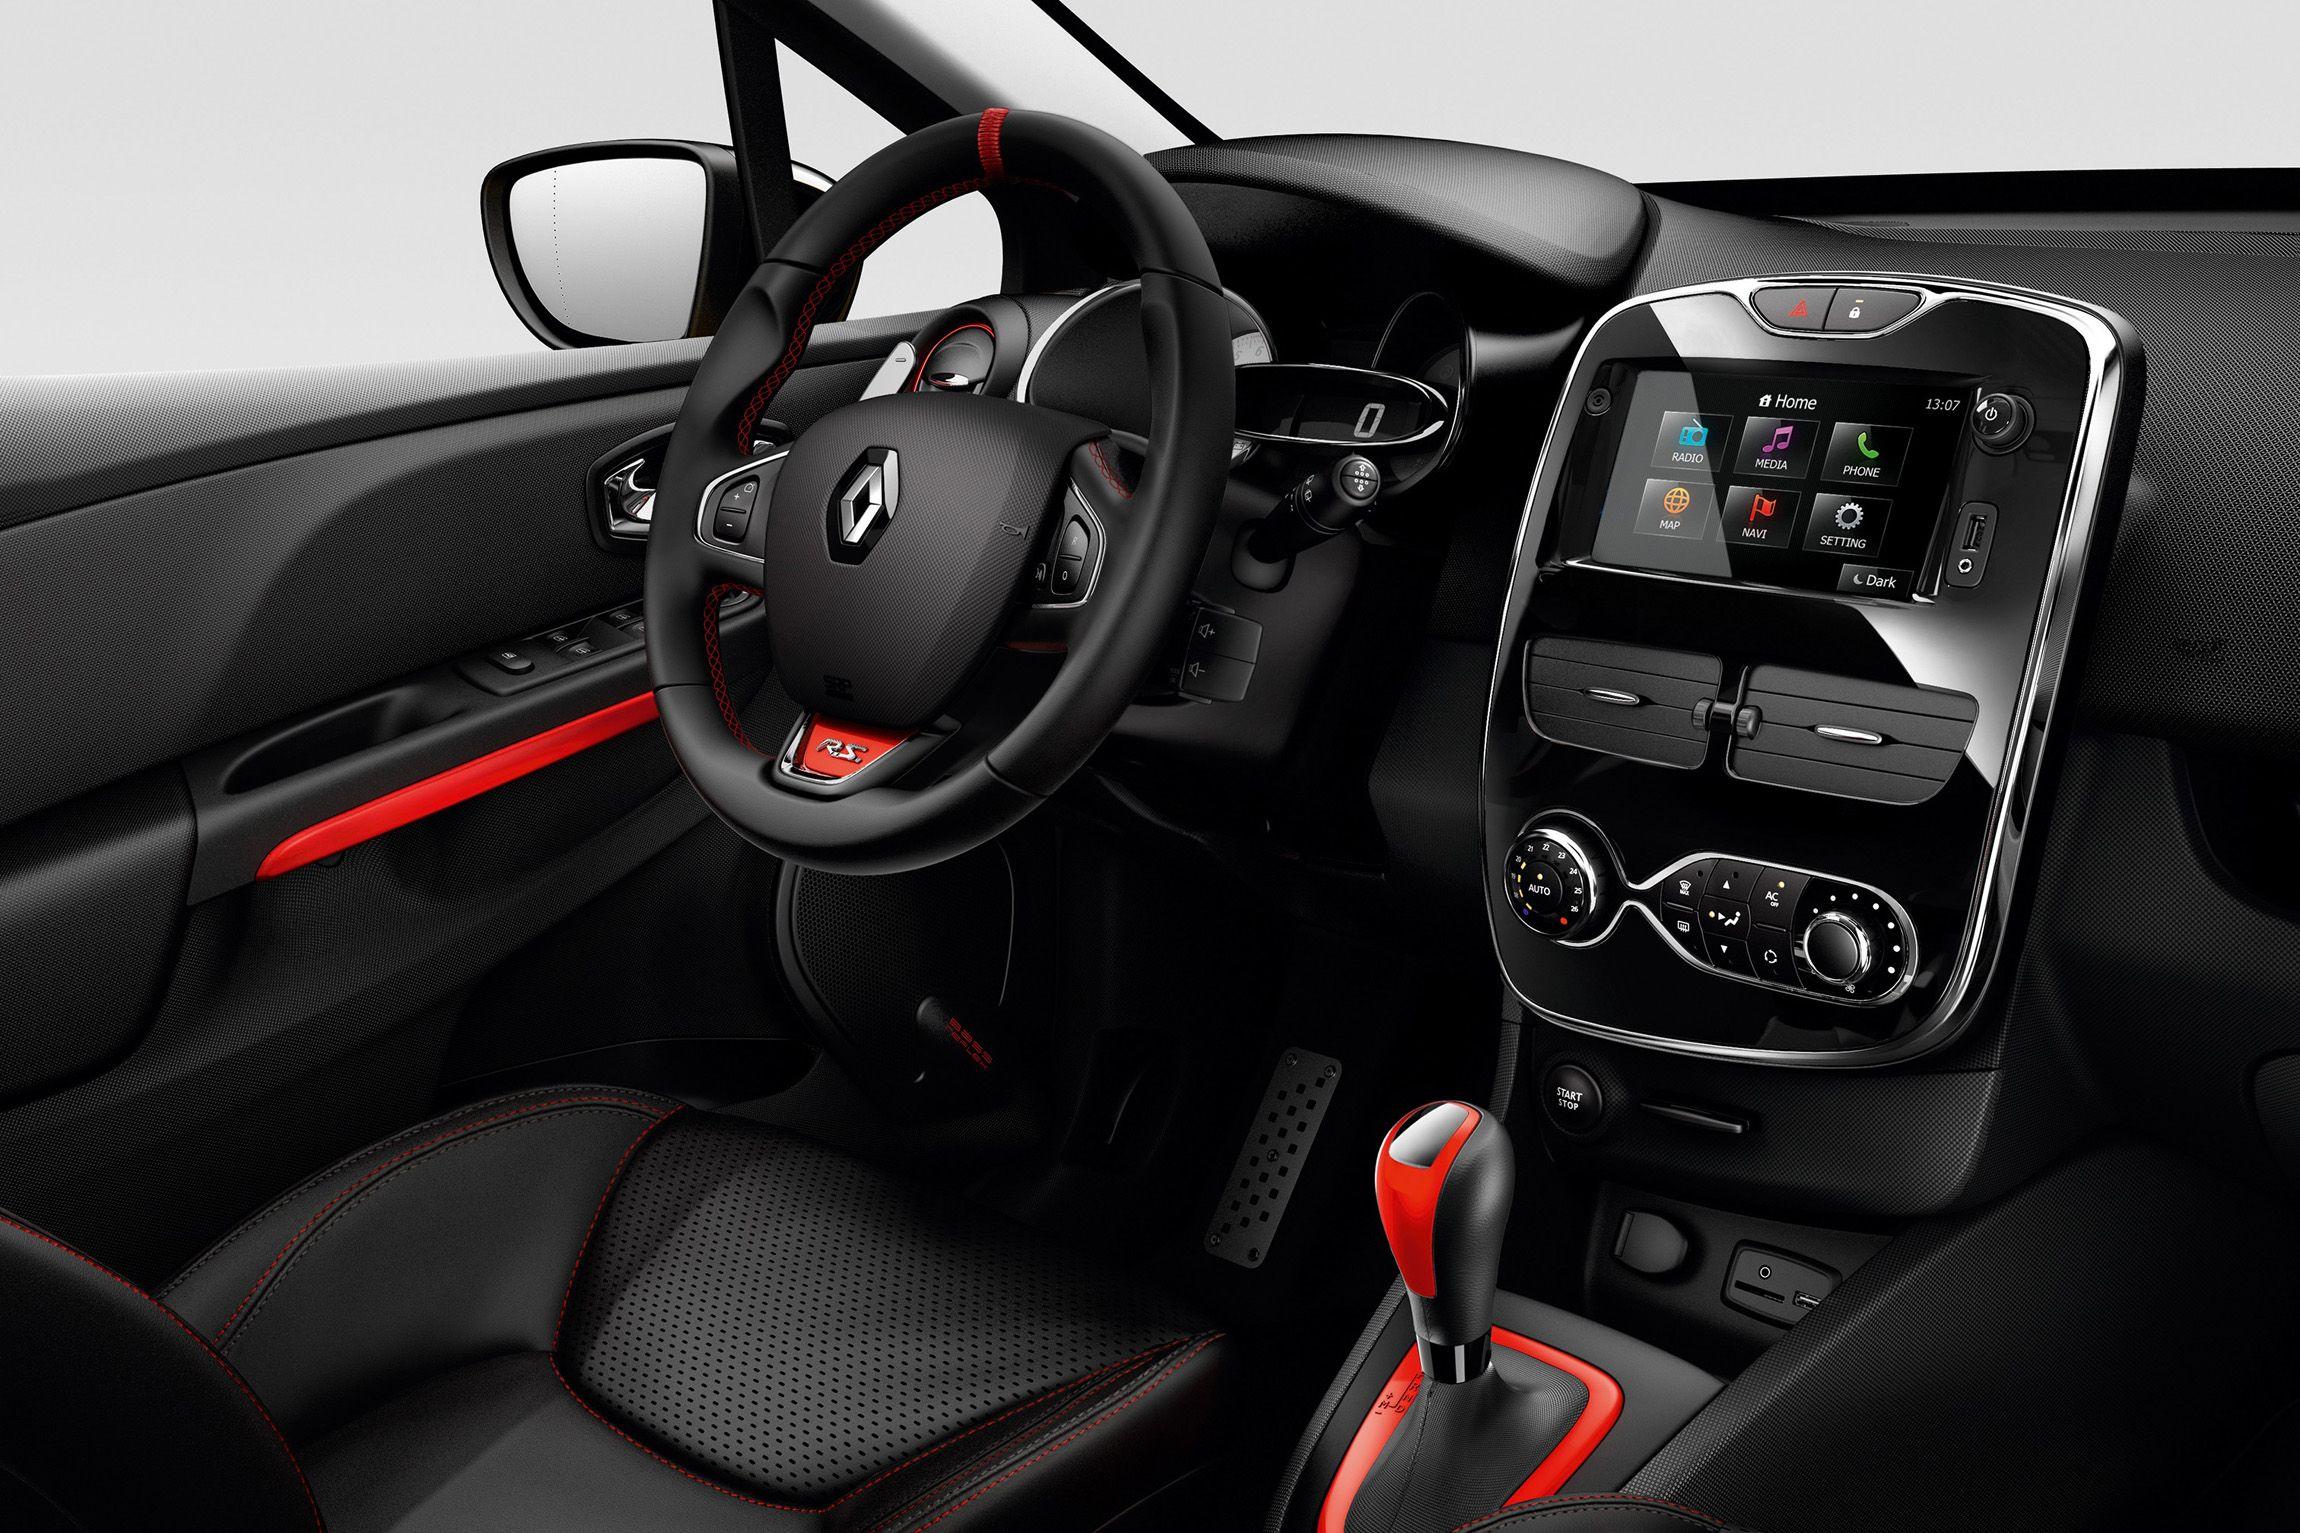 interieur | Clio 4 RS interieur | Autos | Pinterest